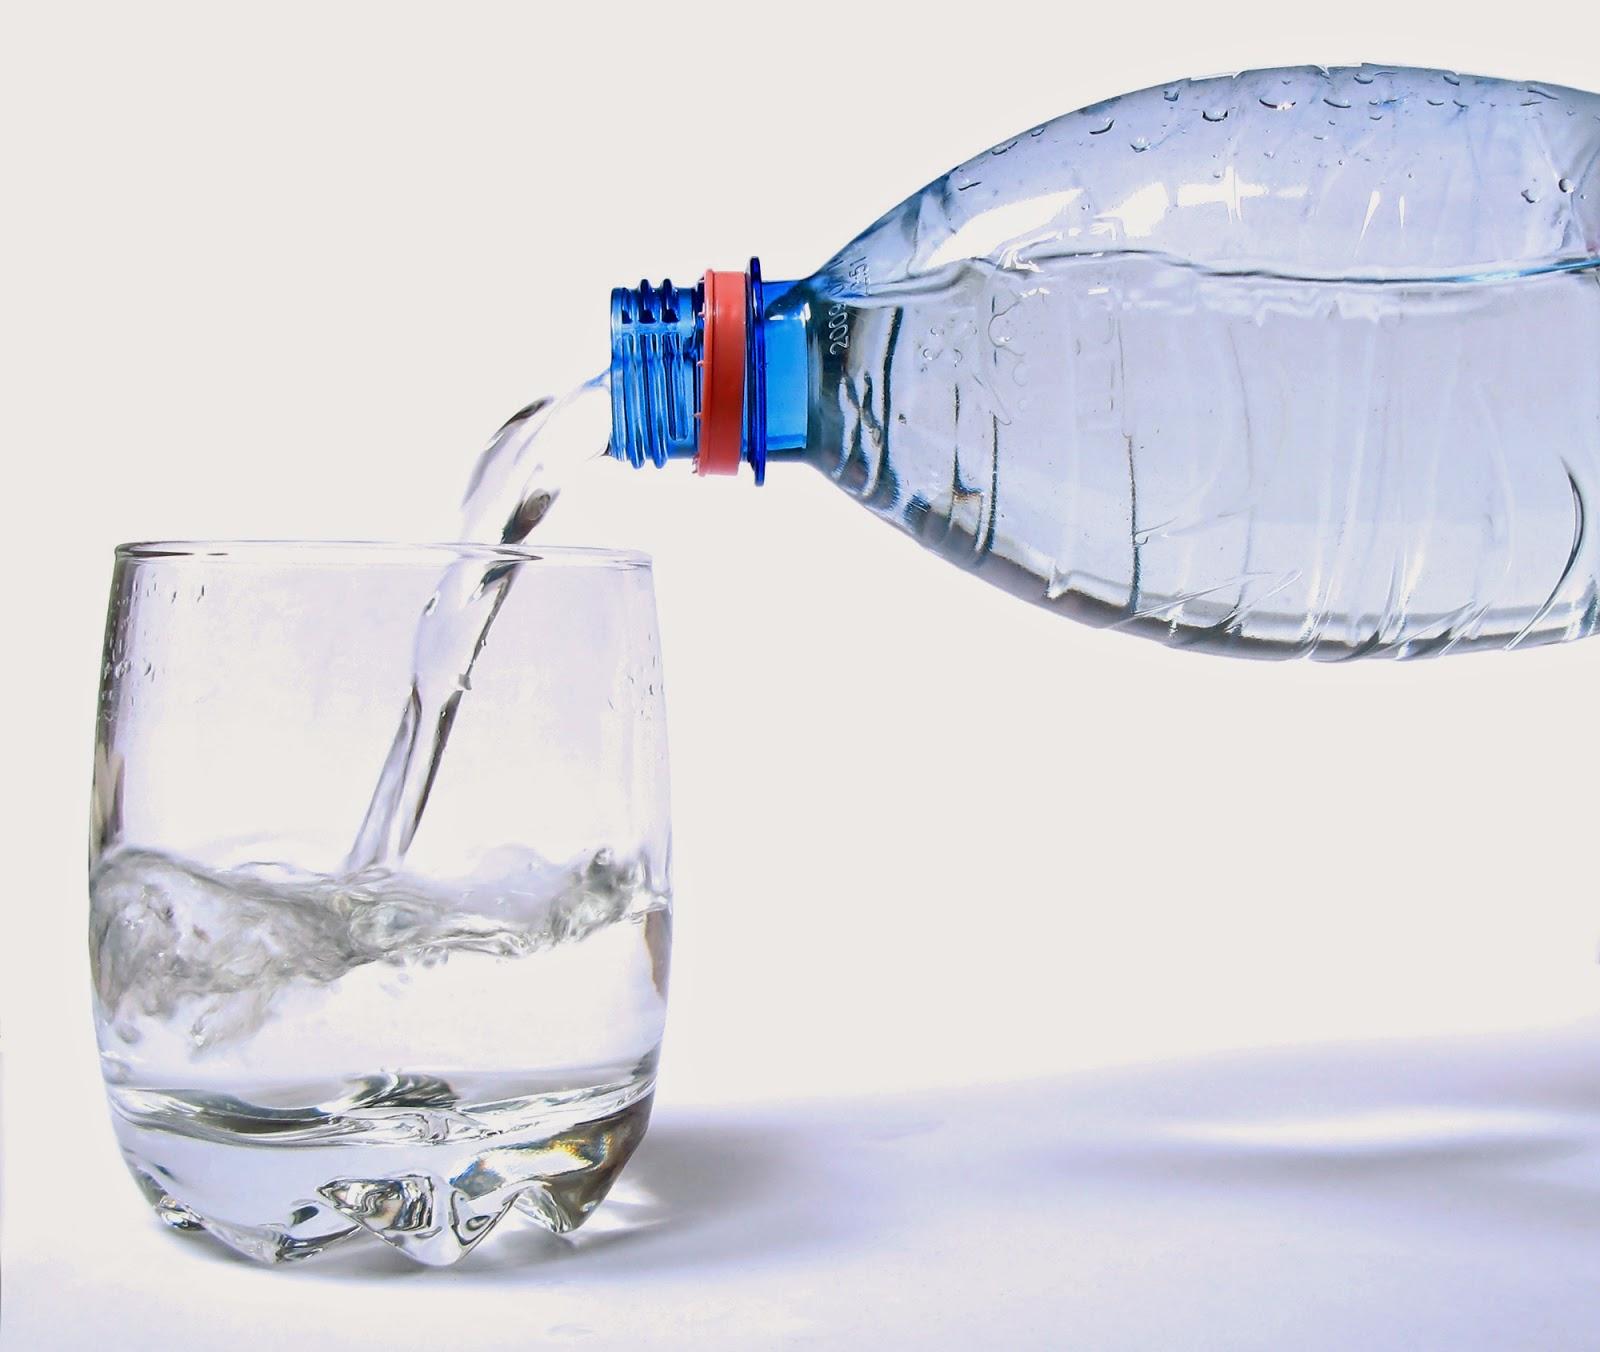 Ayakta su içmek zararlı mı